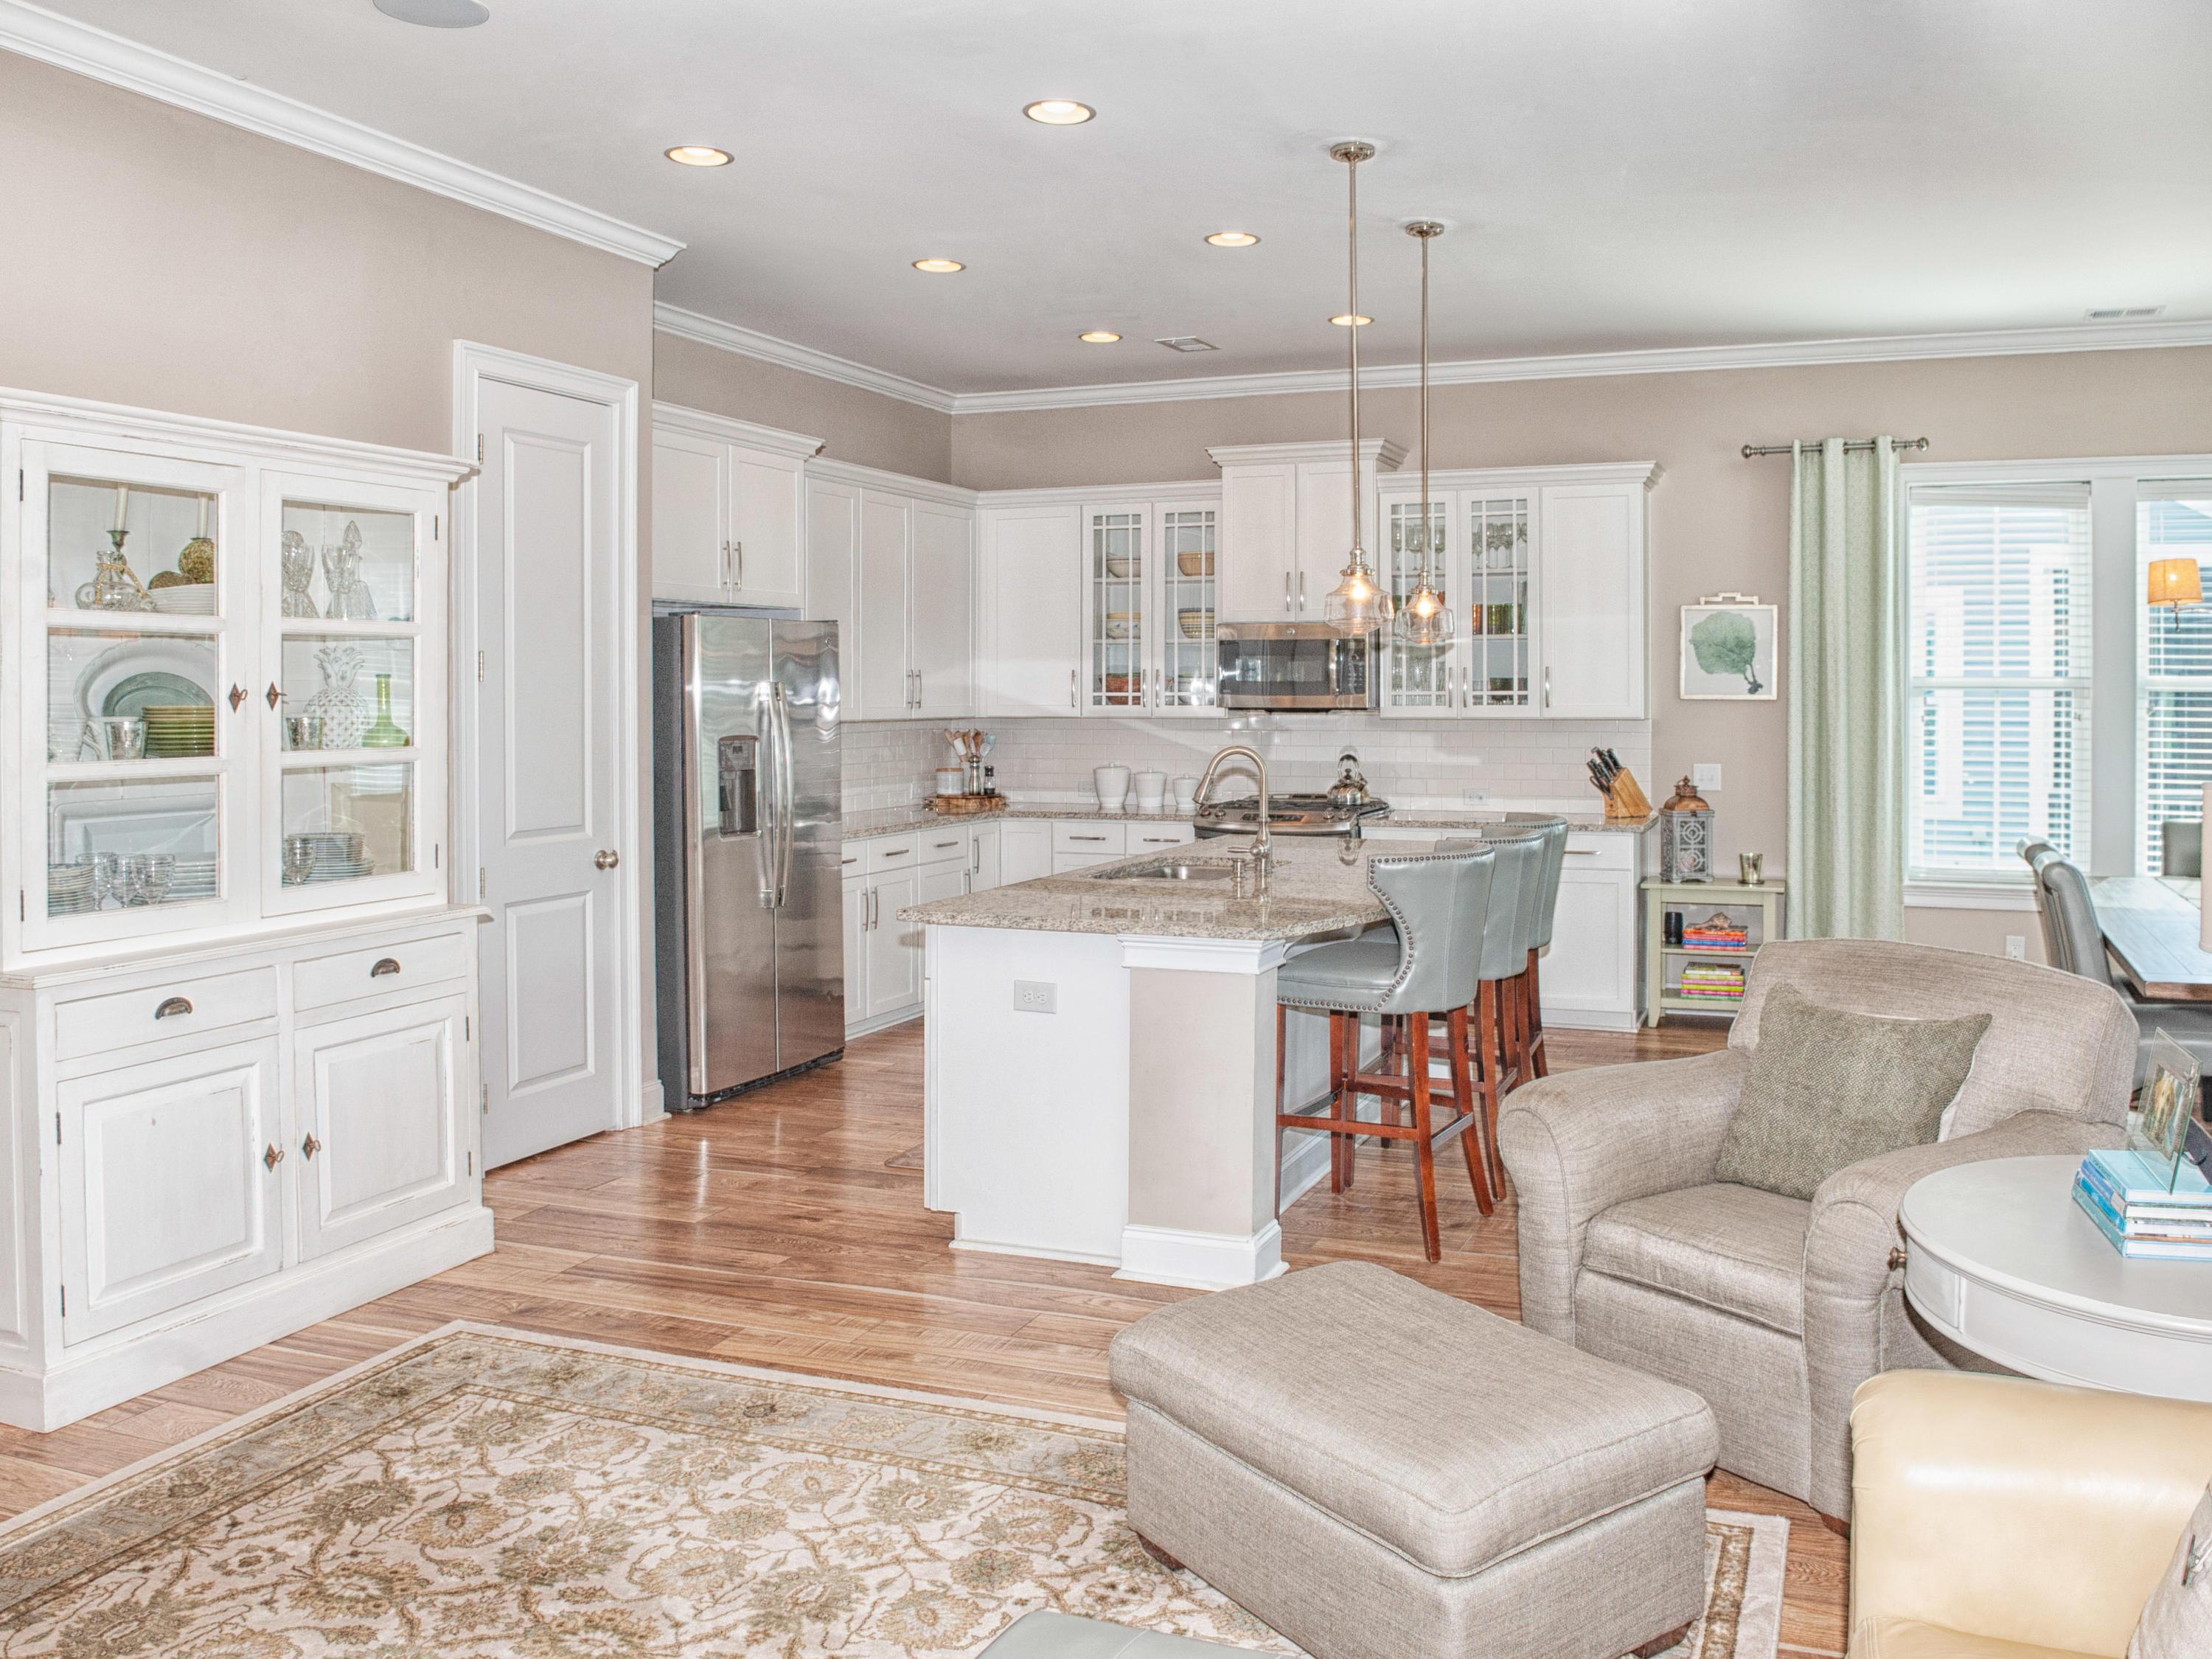 Carolina Park Homes For Sale - 1475 Hollenberg, Mount Pleasant, SC - 42